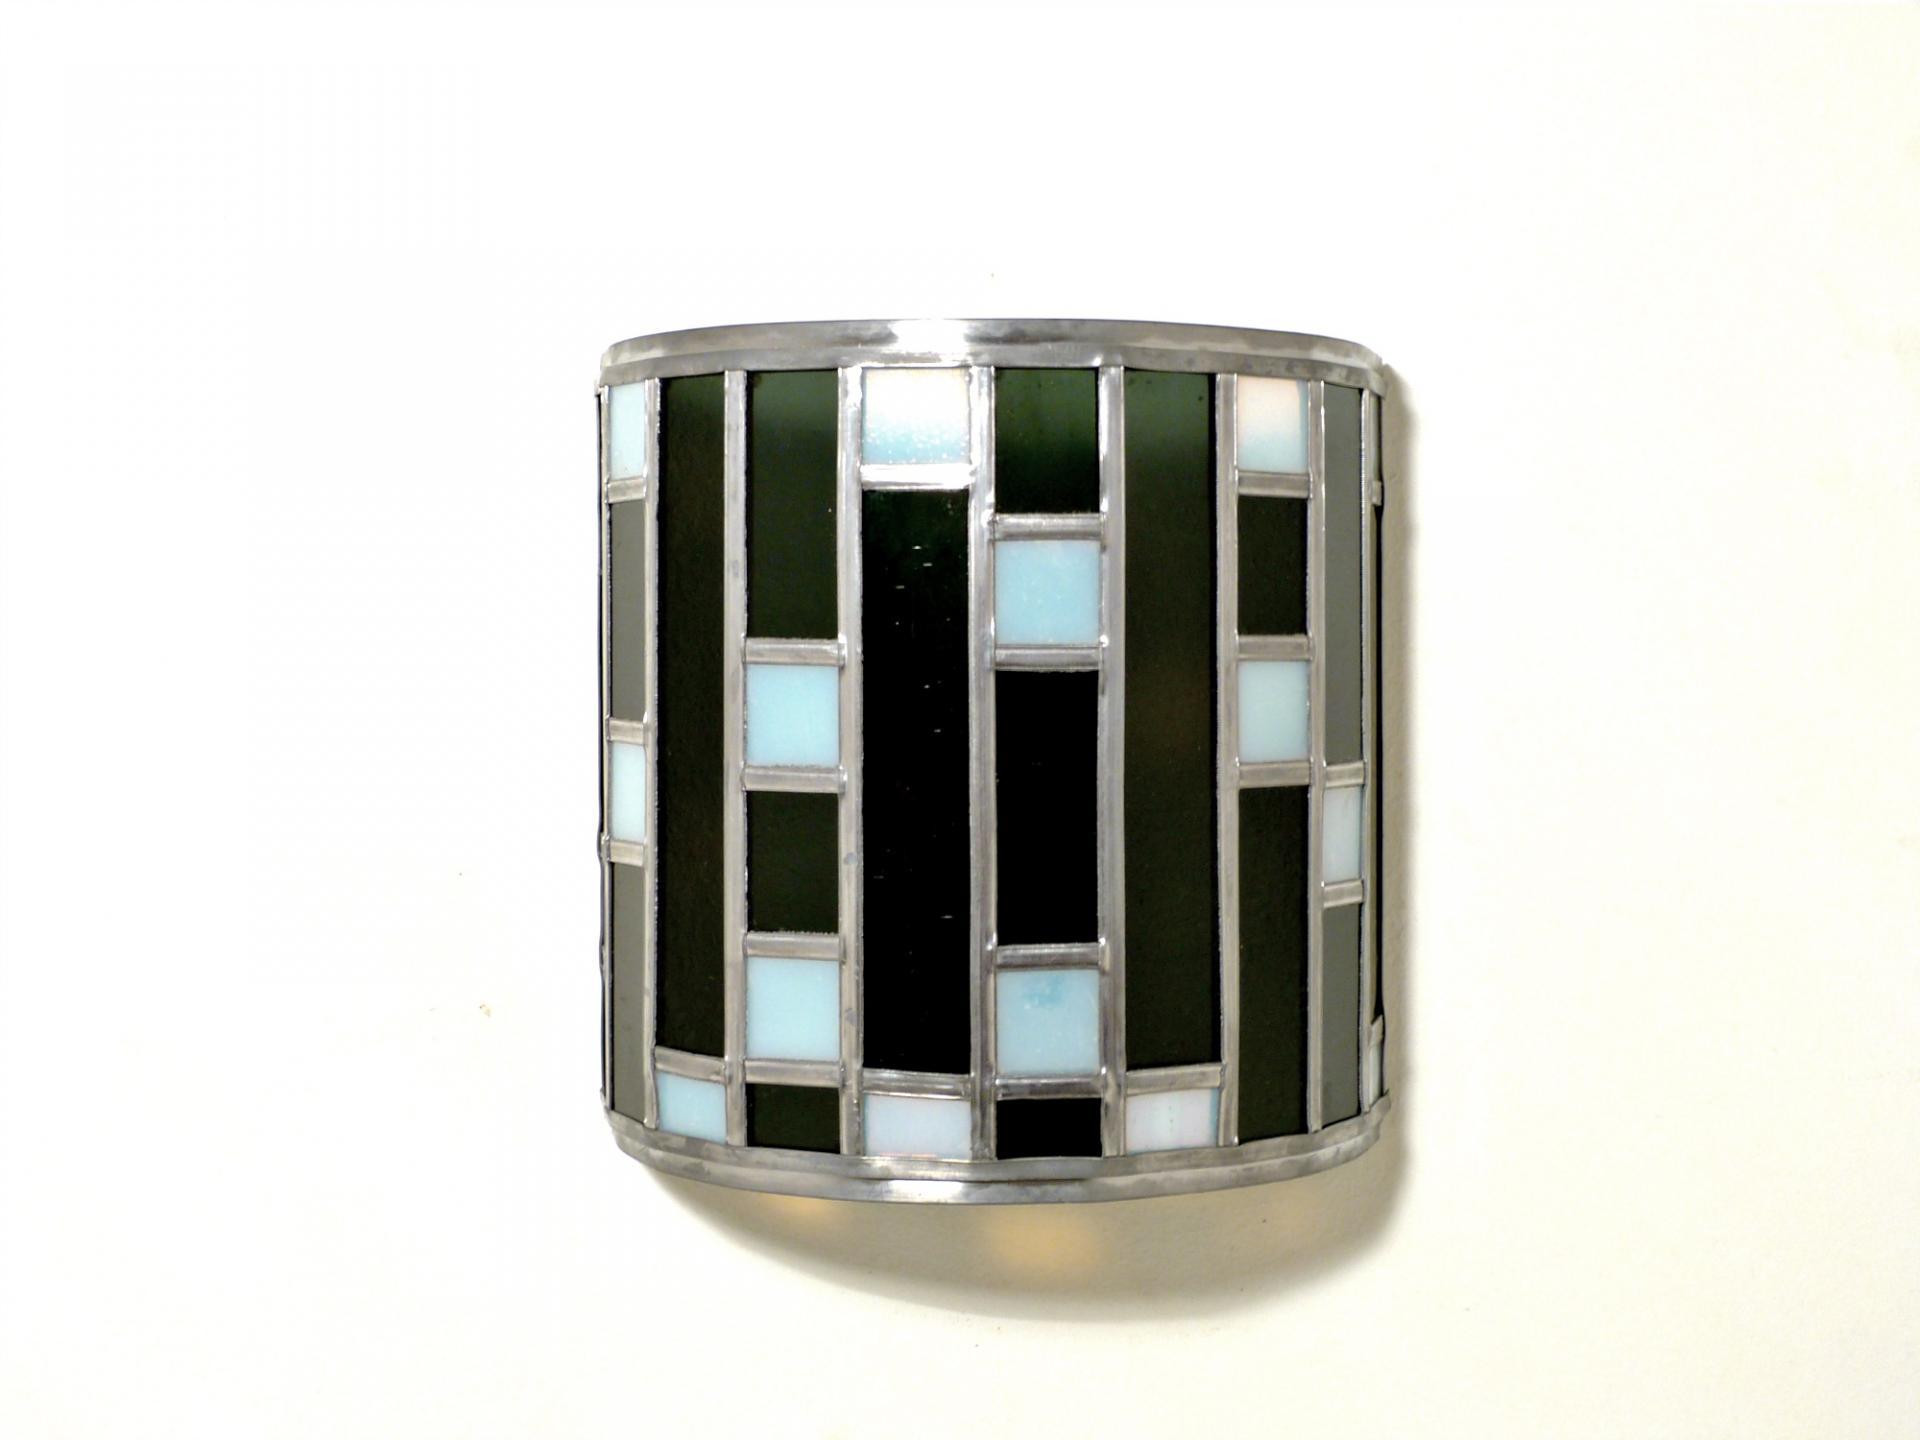 Applique vitrail demi cylindre noir et blanc tendance art deco 2